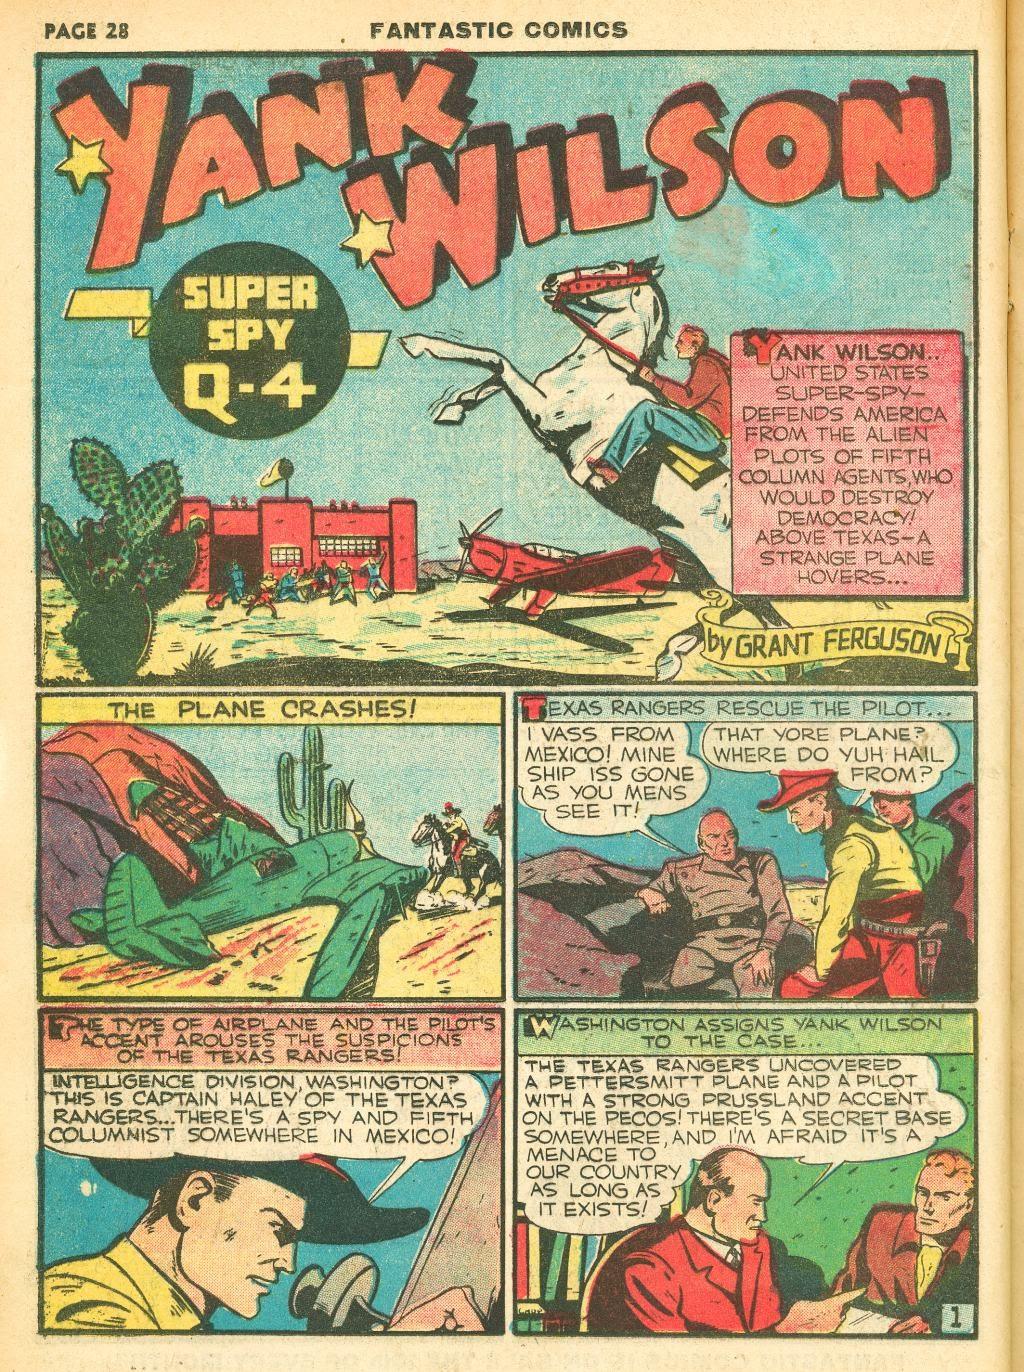 Read online Fantastic Comics comic -  Issue #12 - 30